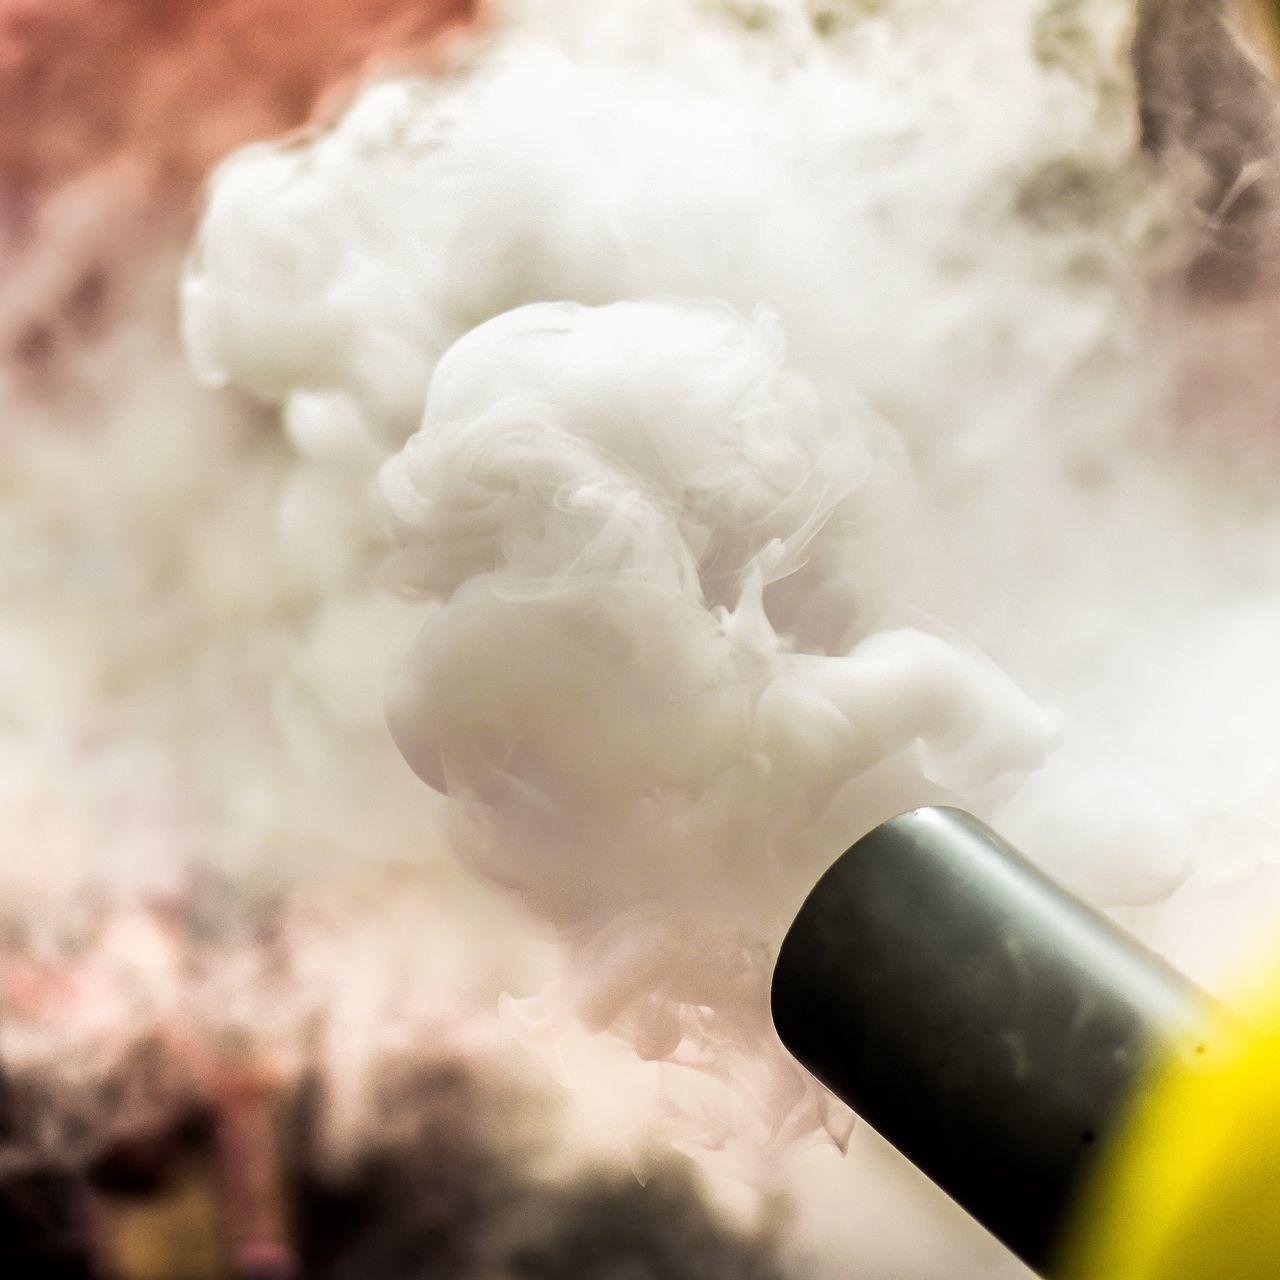 Smoke Smoking электроннаясигарета сигарета дым дымка туман